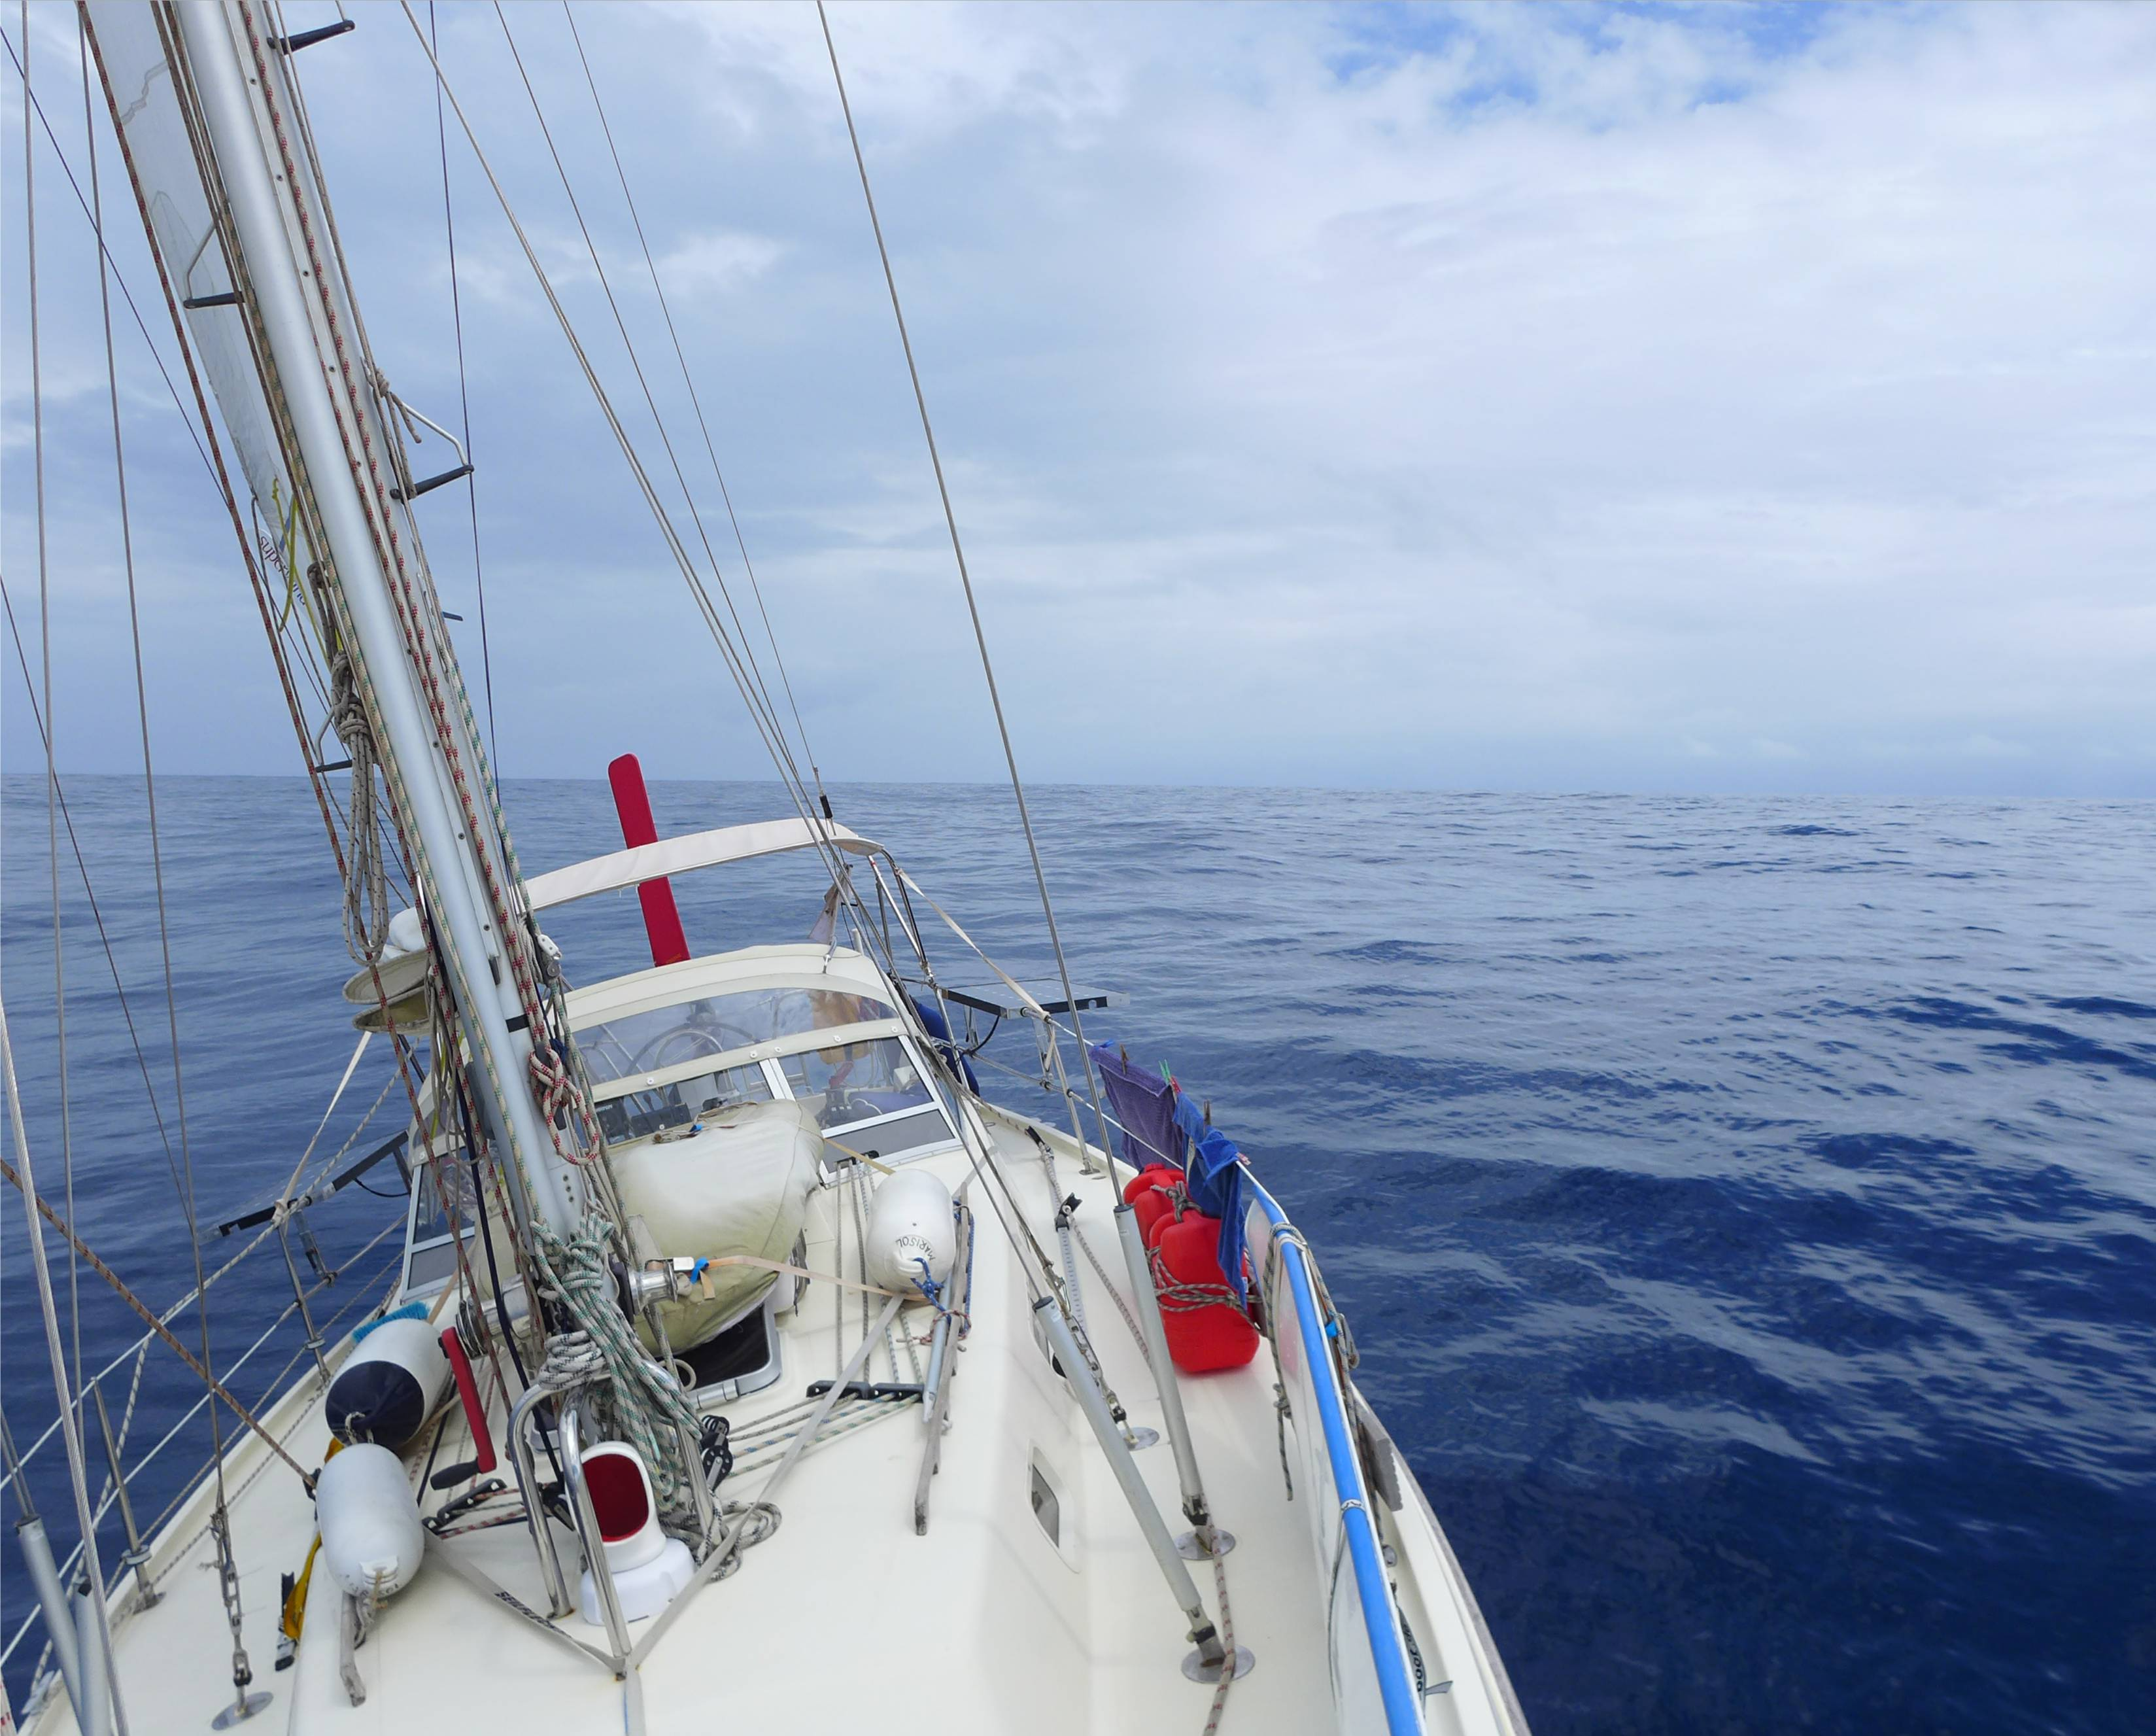 Rote hose atlantik segeln